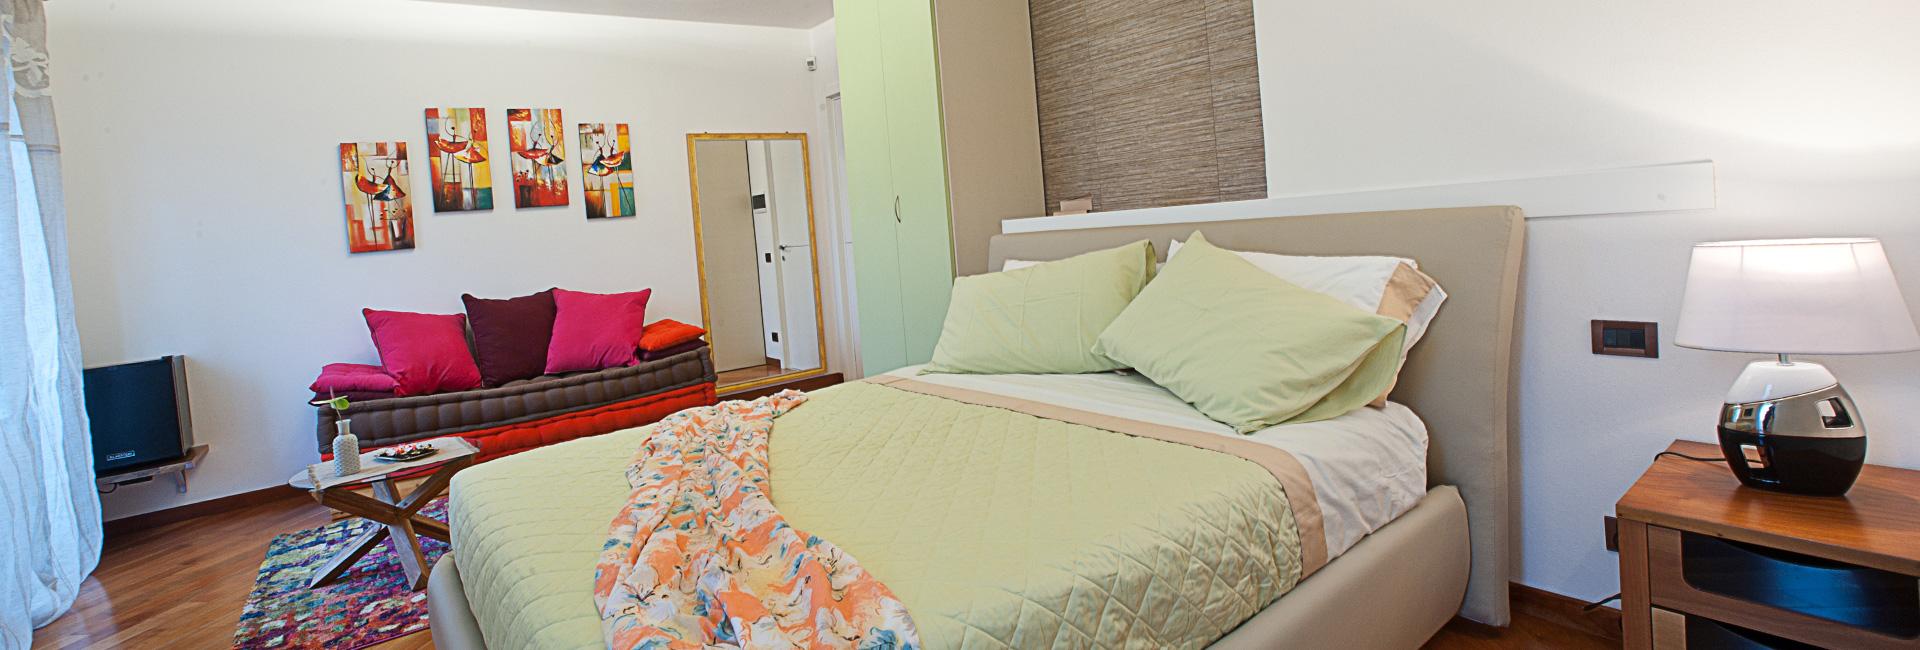 Camera Verde ampia e spaziosa - Beb la Tosca Marina di Massa